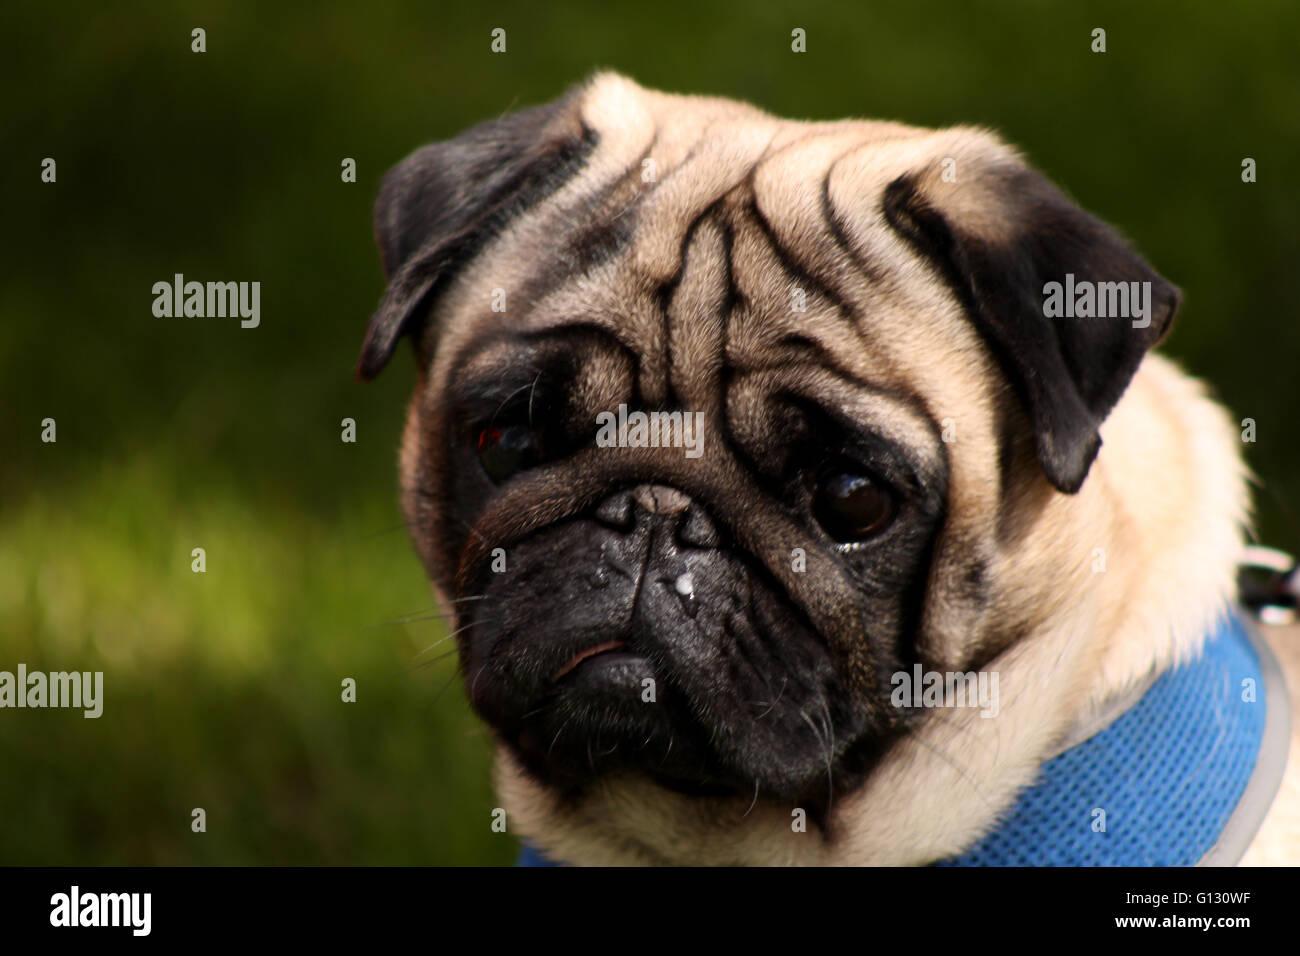 Pug pet portrait - Stock Image